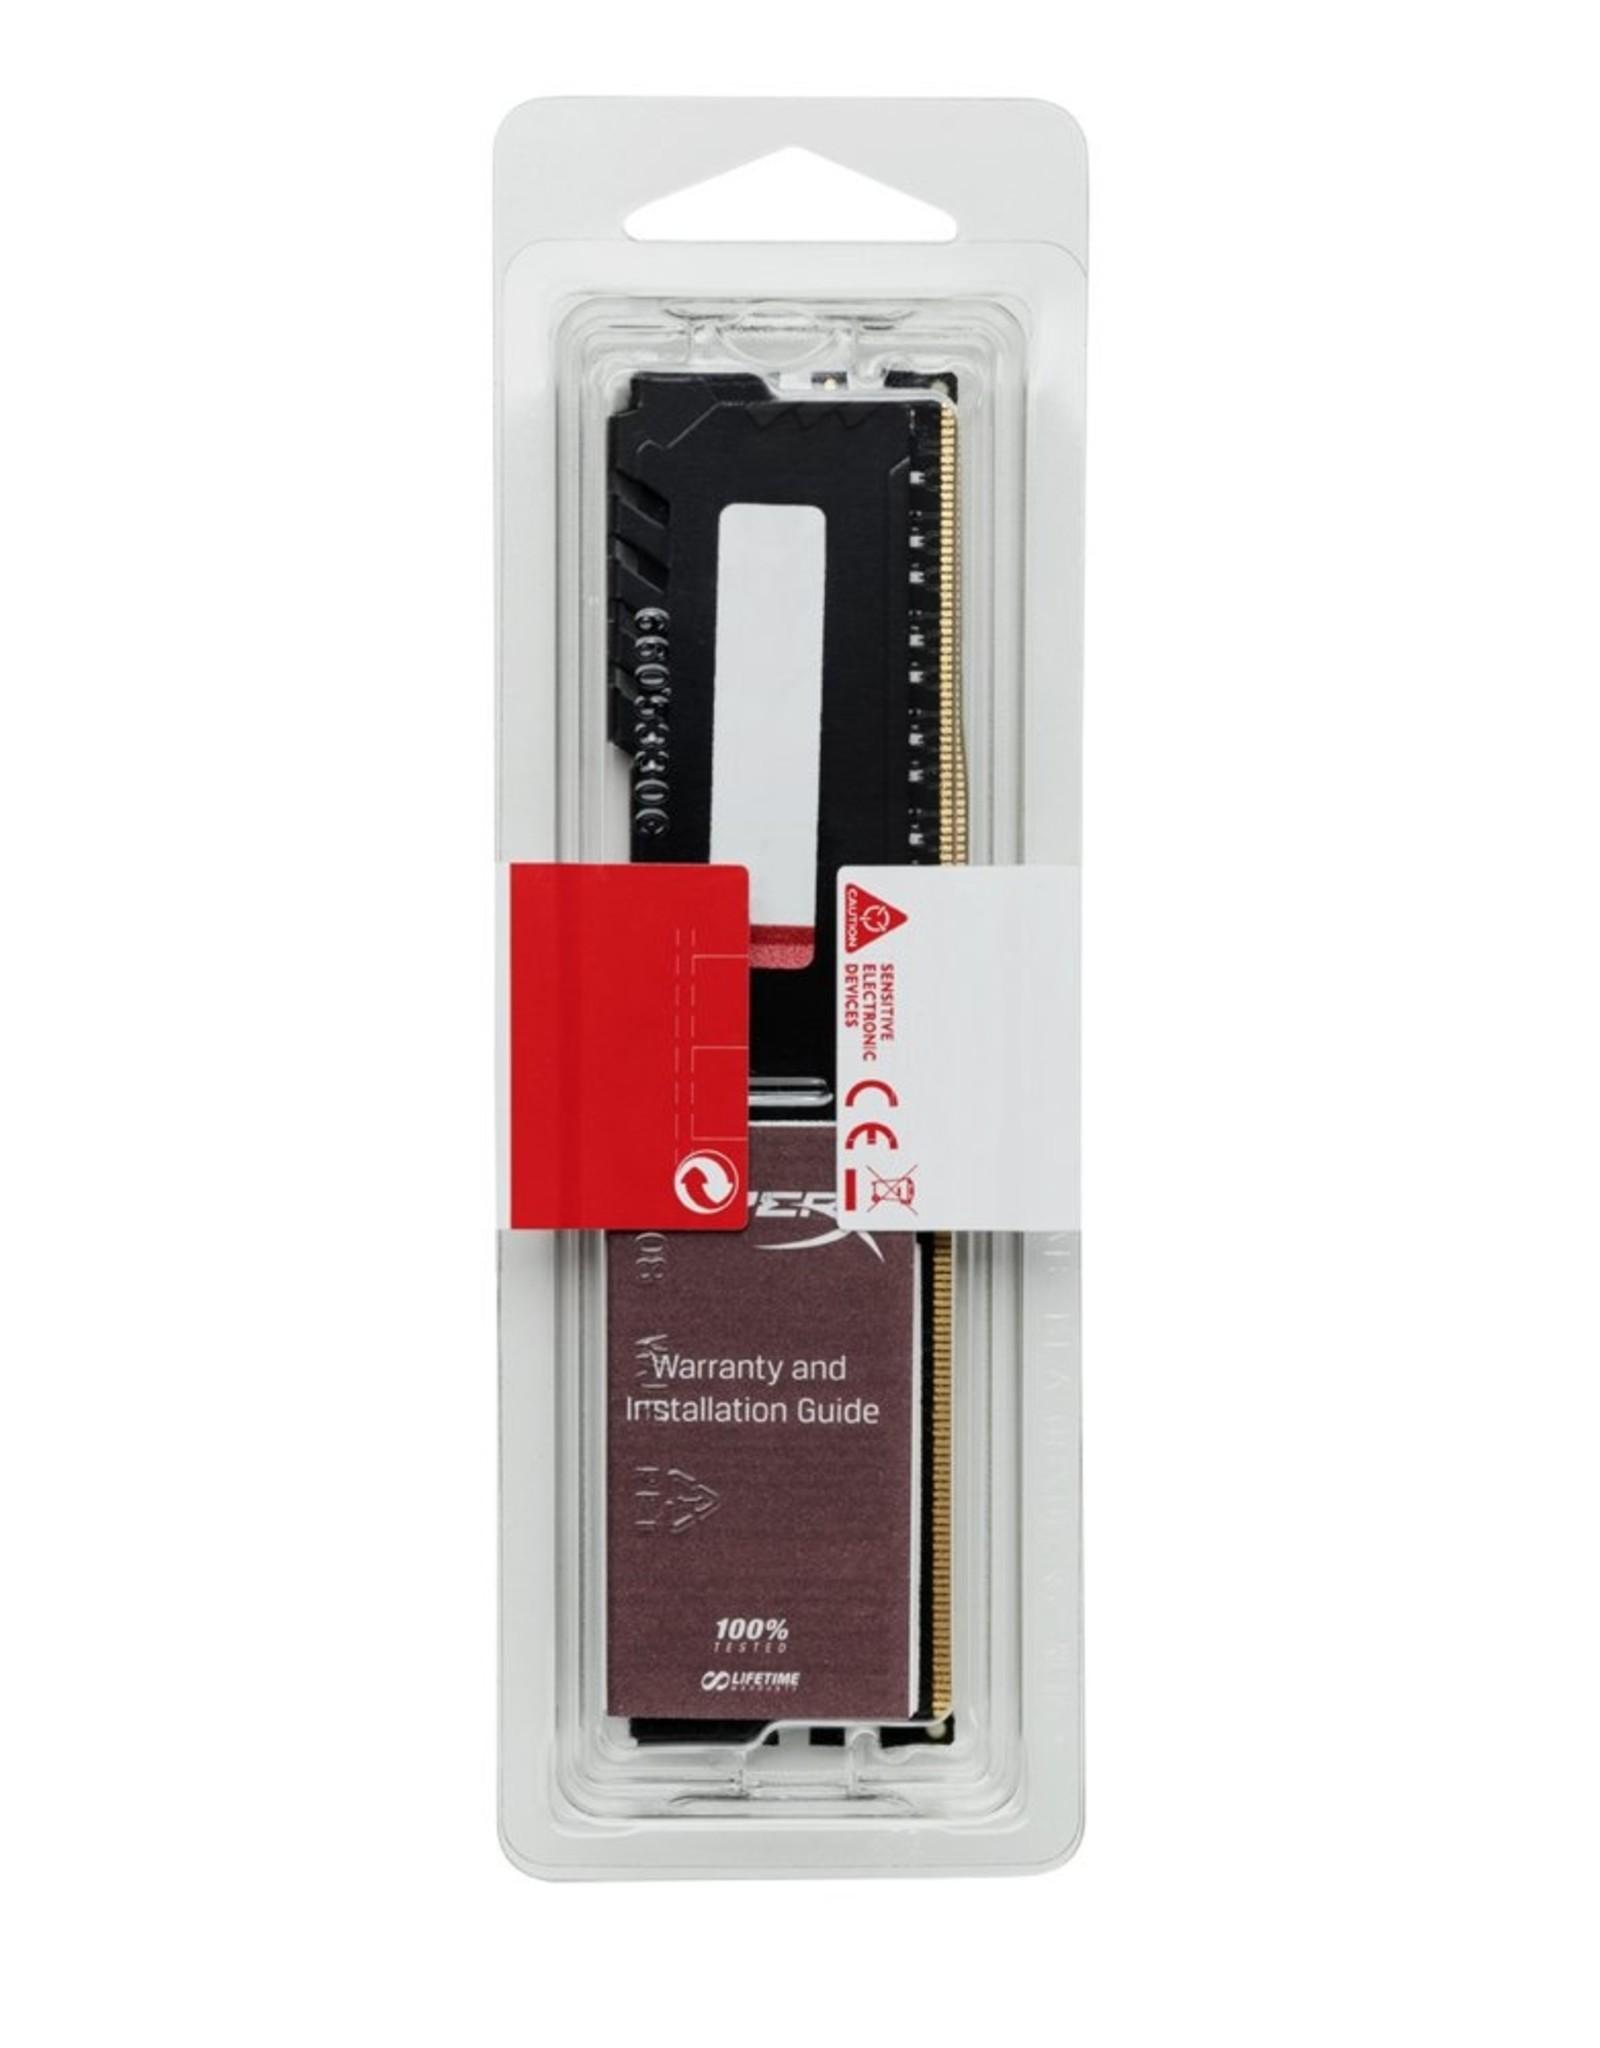 MEM  HyperX Fury 16GB DDR4 2400MHz Dimm